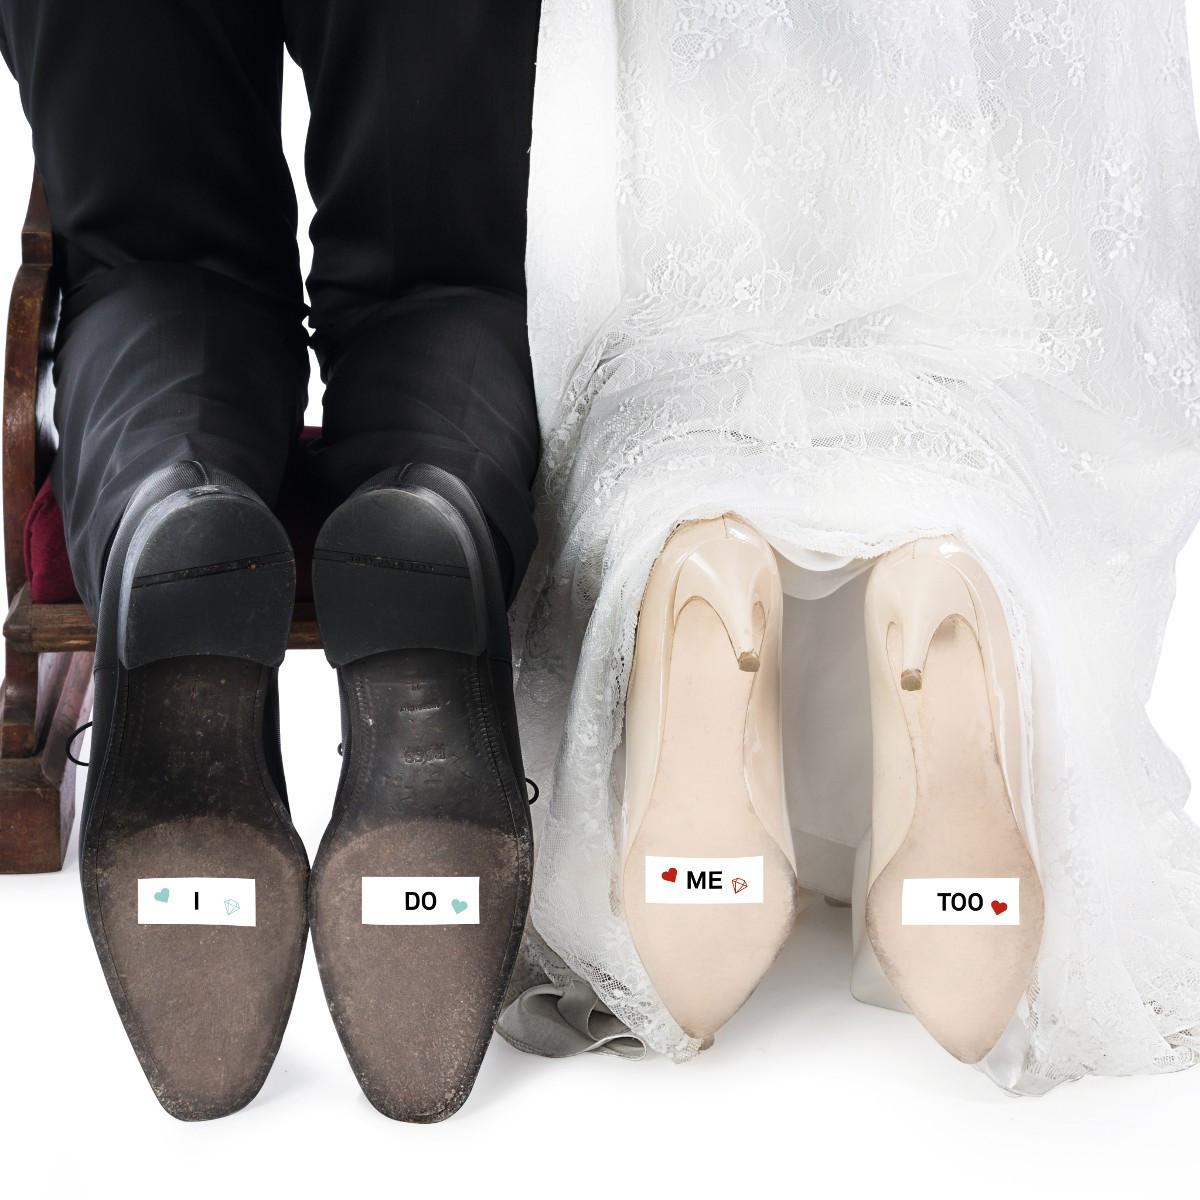 Bilder Hochzeit  Witzige Schuhsohlen Aufkleber zur Hochzeit